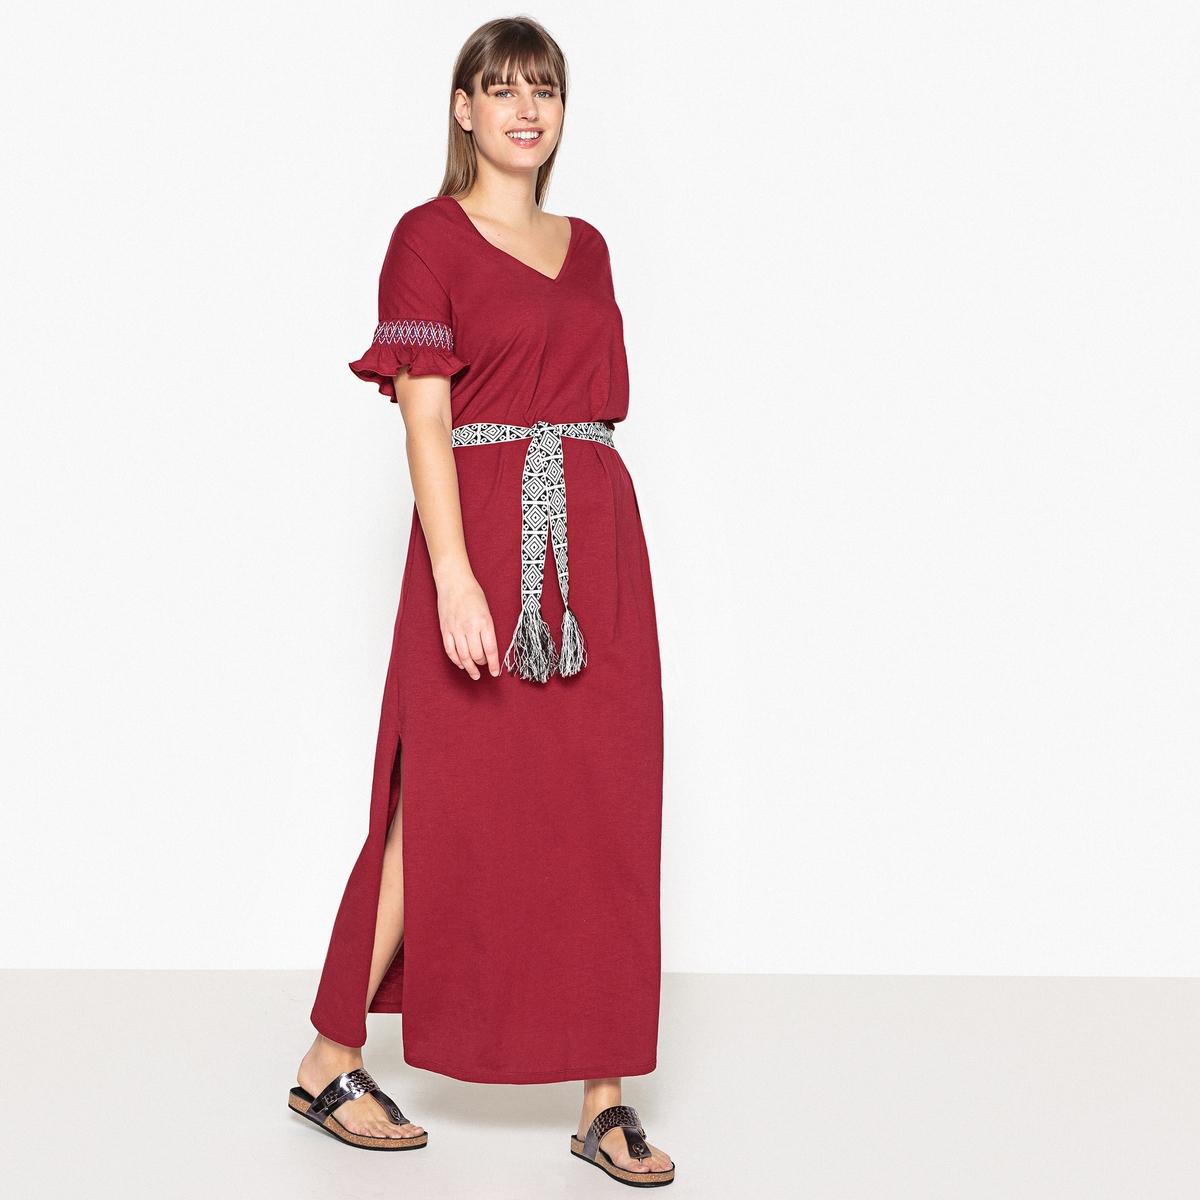 Платье длинное однотонное с короткими рукавамиОписание:Замечательное ультра женственное платье-макси. Вы будете носить это платье-макси с V-образным вырезом из 100% хлопка все лето, днем или вечером.Детали •  Форма : прямая •  Длина ниже колен •  Короткие рукава    •   V-образный вырезСостав и уход •  100% хлопок •  Вторичный материал : 100% хлопок •  Следуйте советам по уходу, указанным на этикеткеТовар из коллекции больших размеров •  Длина : 146,3 см •  Ремешок продается отдельно<br><br>Цвет: красный